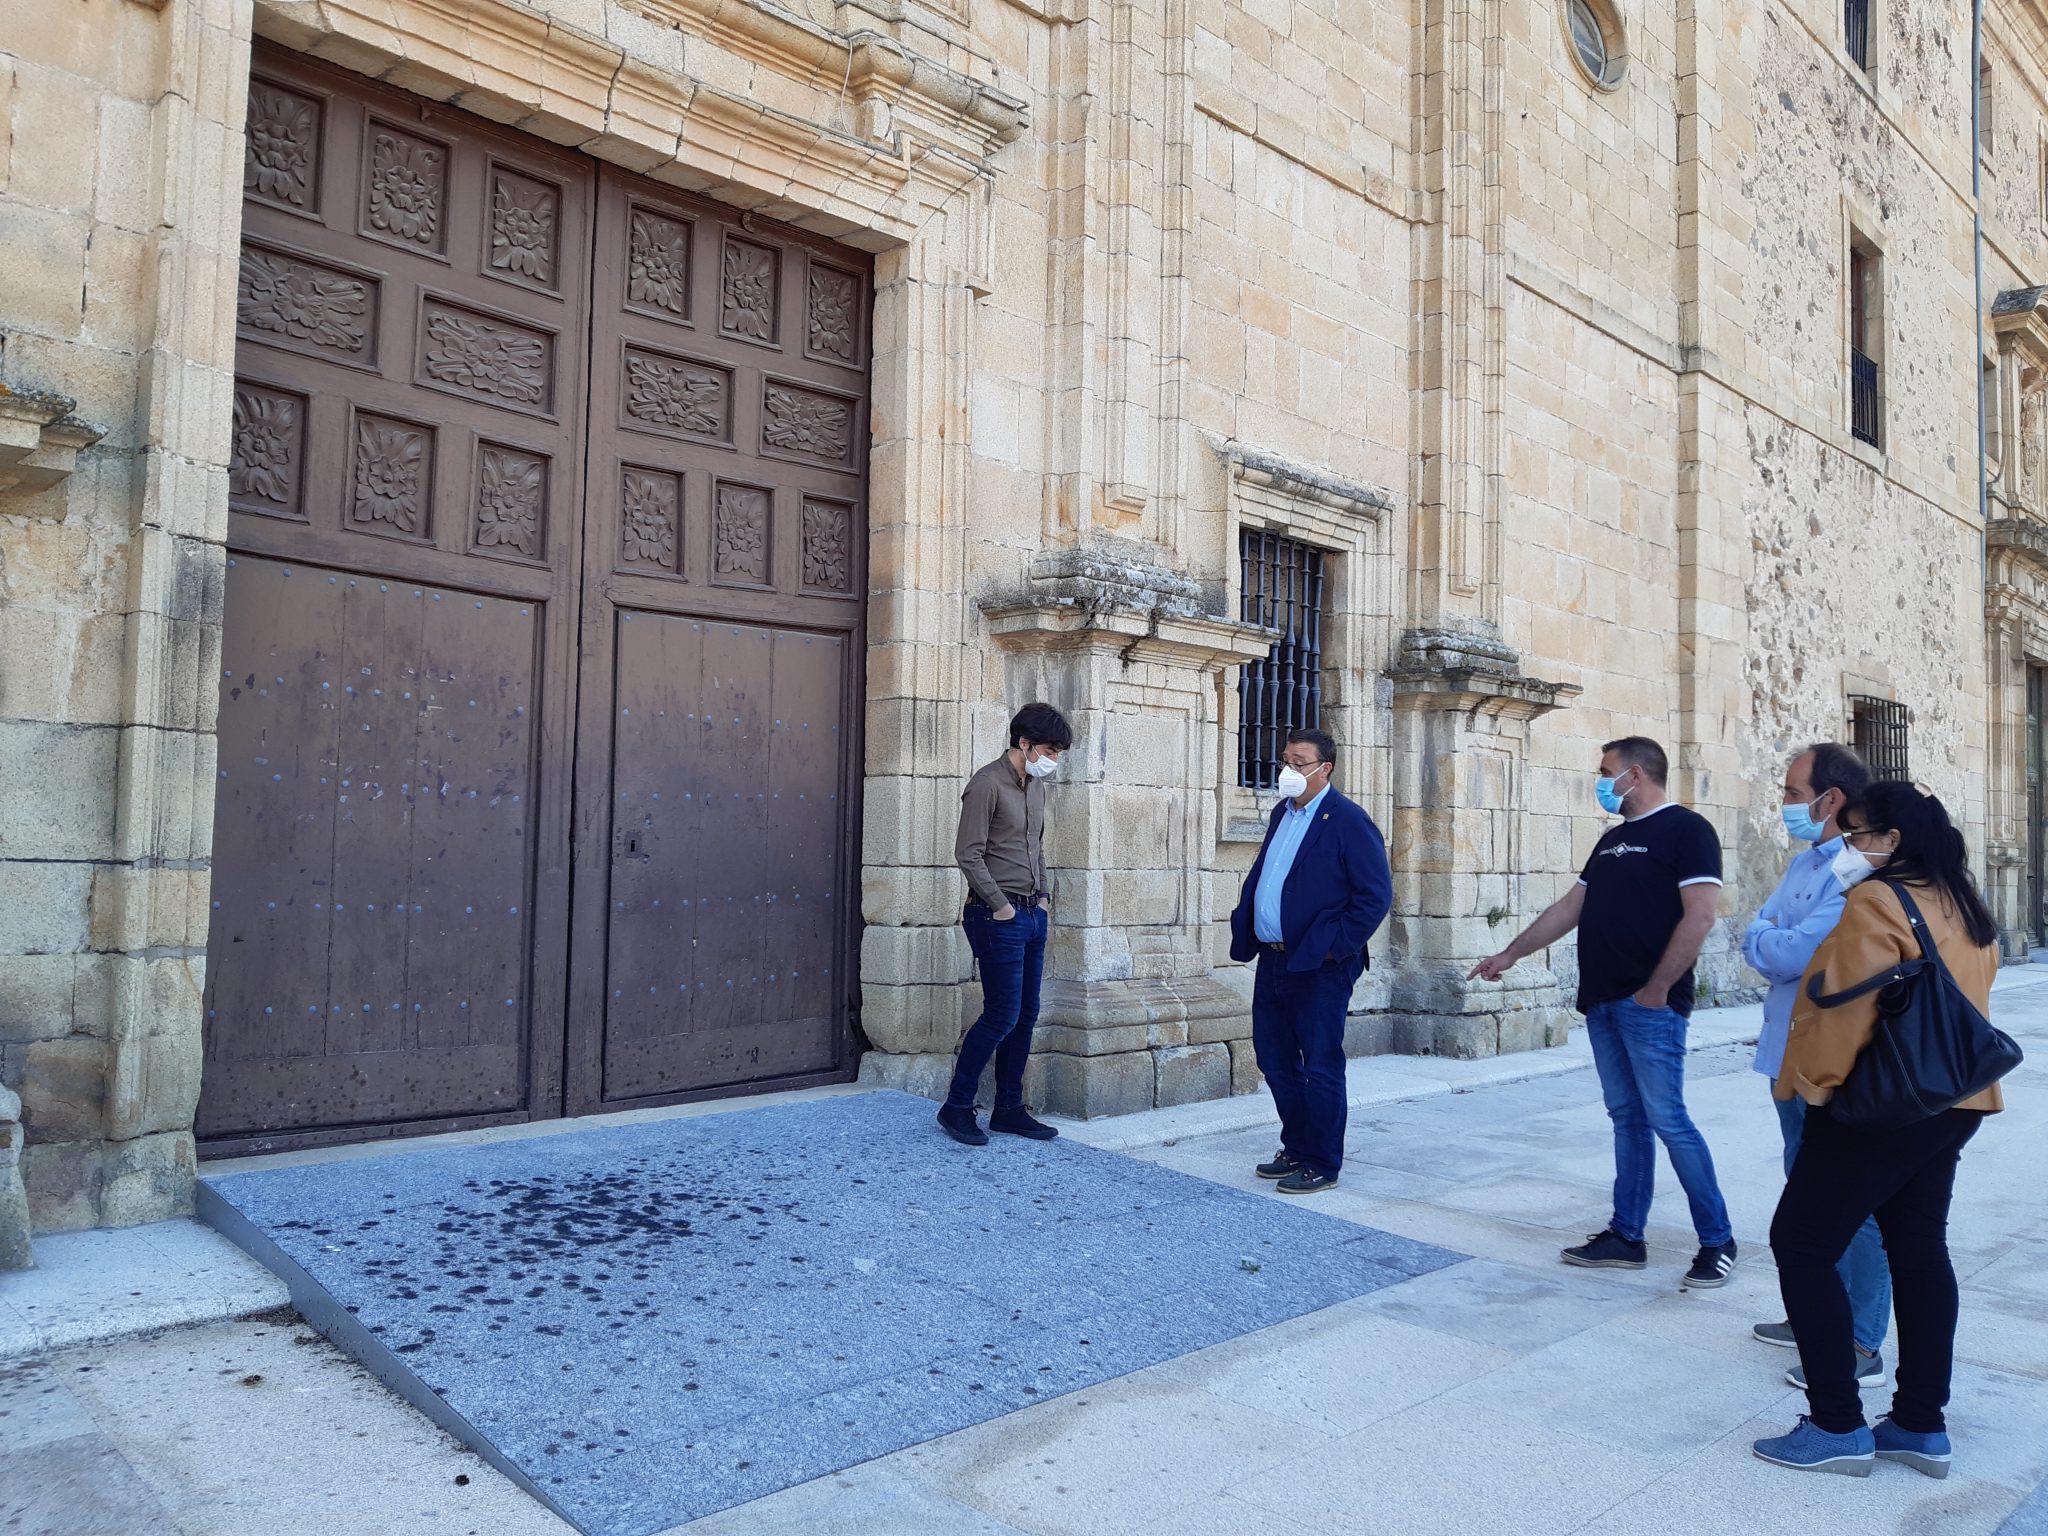 Finalizada la restauración del monumental atrio de la iglesia villafranquina de San Nicolás 2